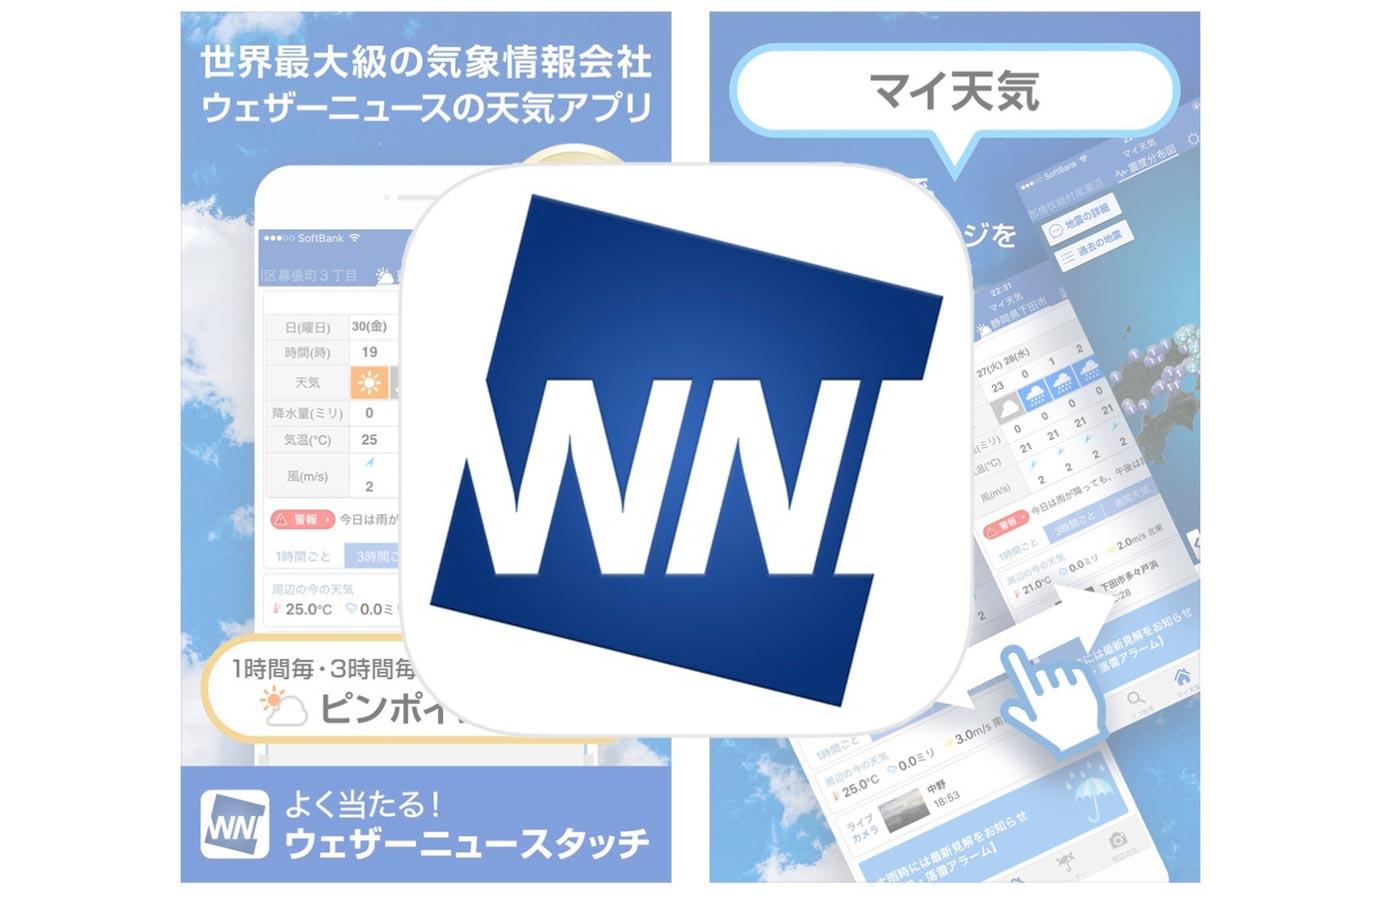 iOSアプリ「ウェザーニュースタッチ」がアップデートで「ピンポイント天気」に「注意報警報」の表示が追加